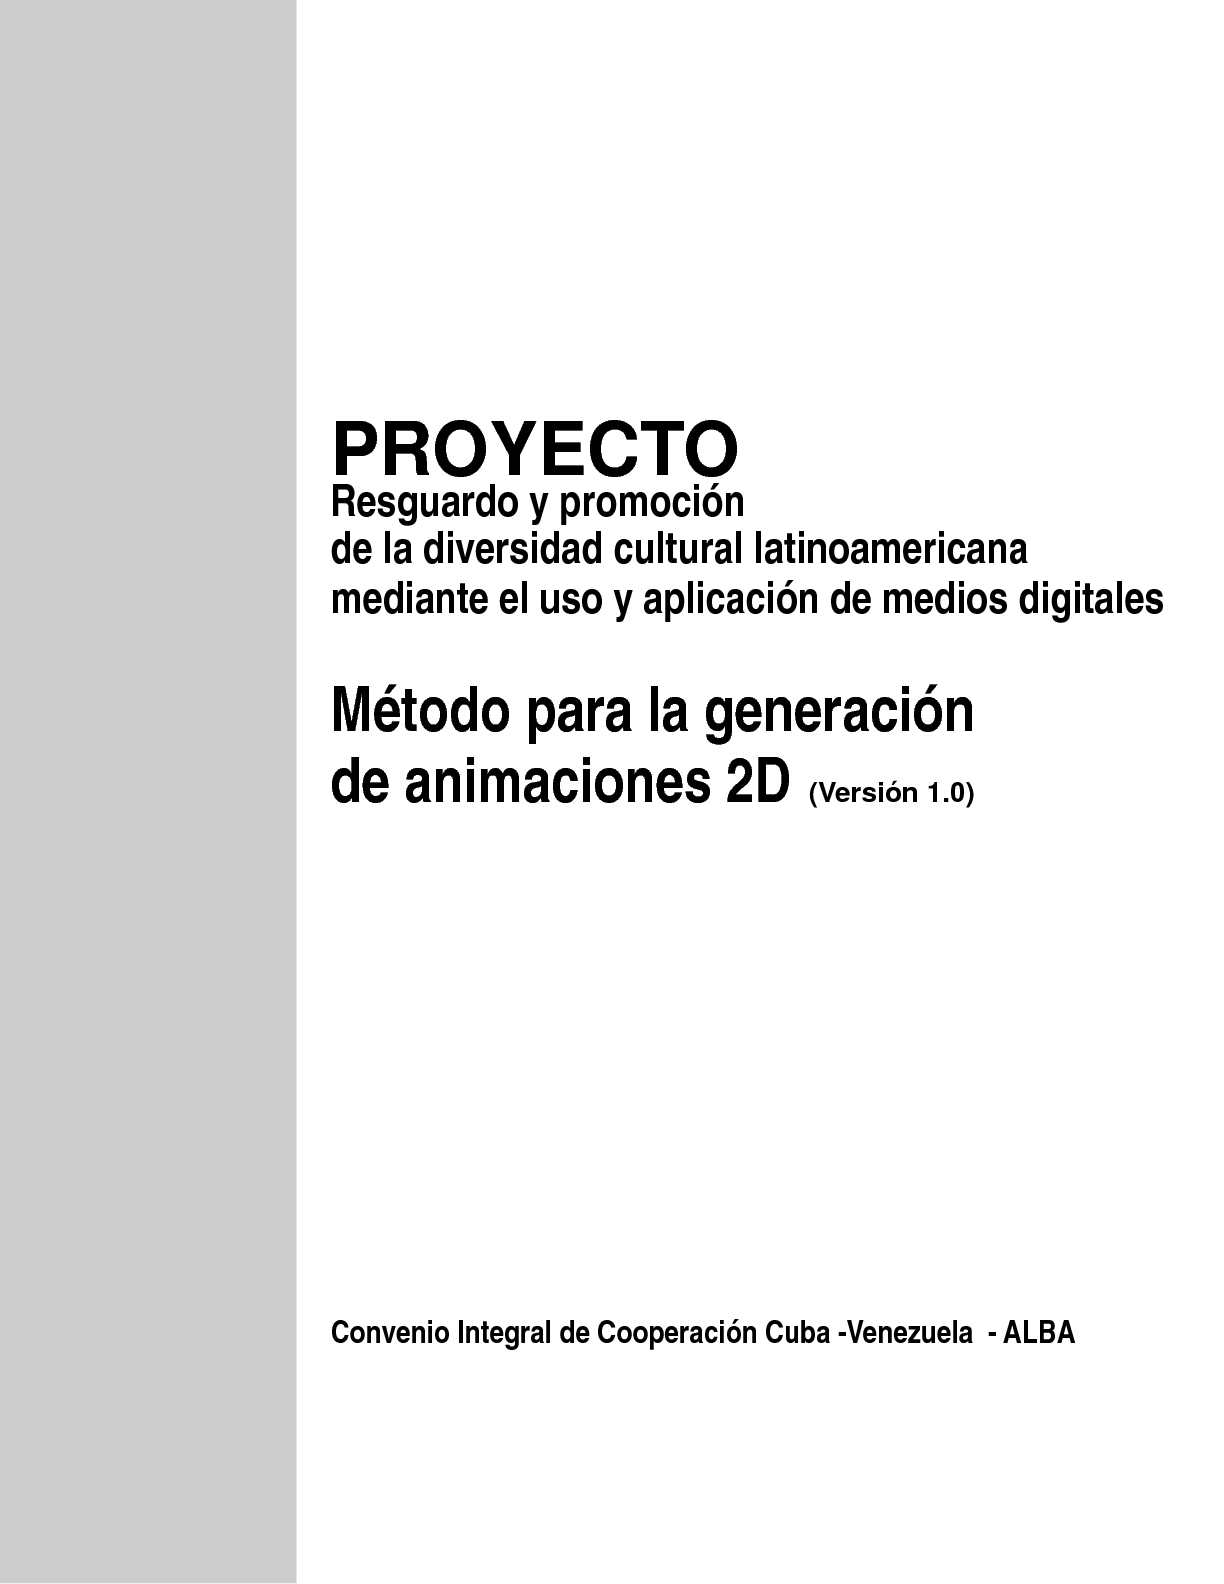 Calaméo - Método para la generación de animaciones 2D (Versión 1.0)